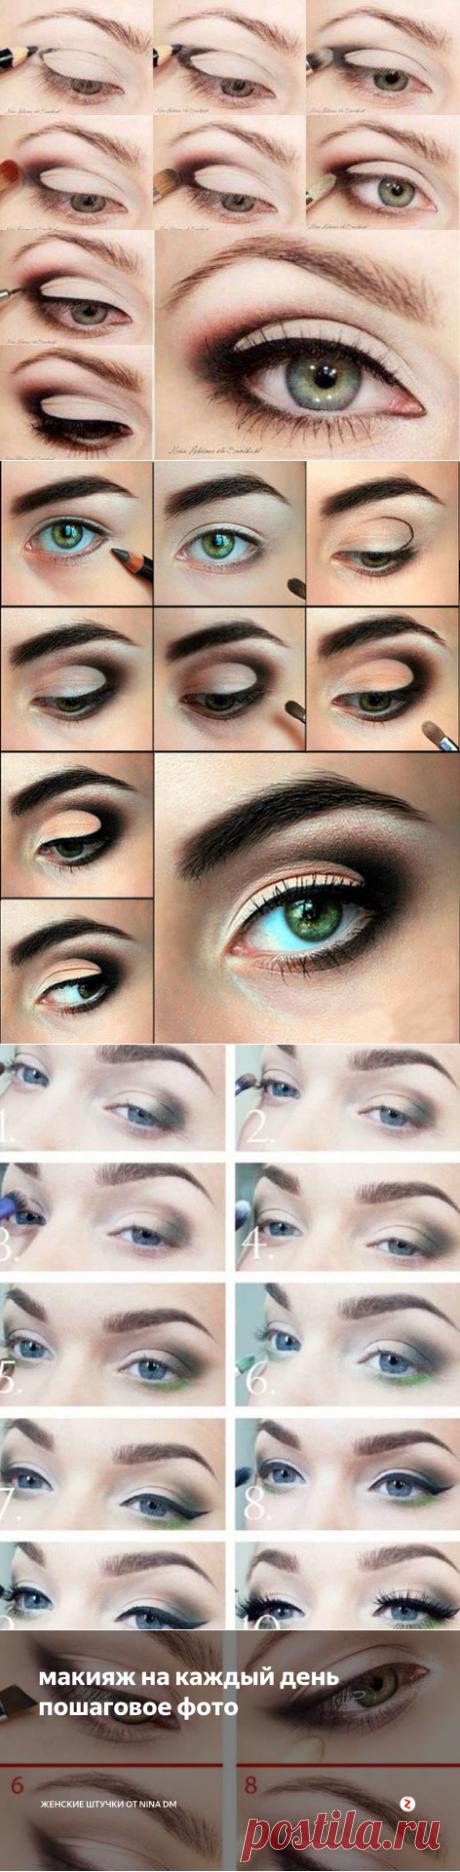 макияж на каждый день пошаговое фото | Женские штучки от Nina Dm | Яндекс Дзен